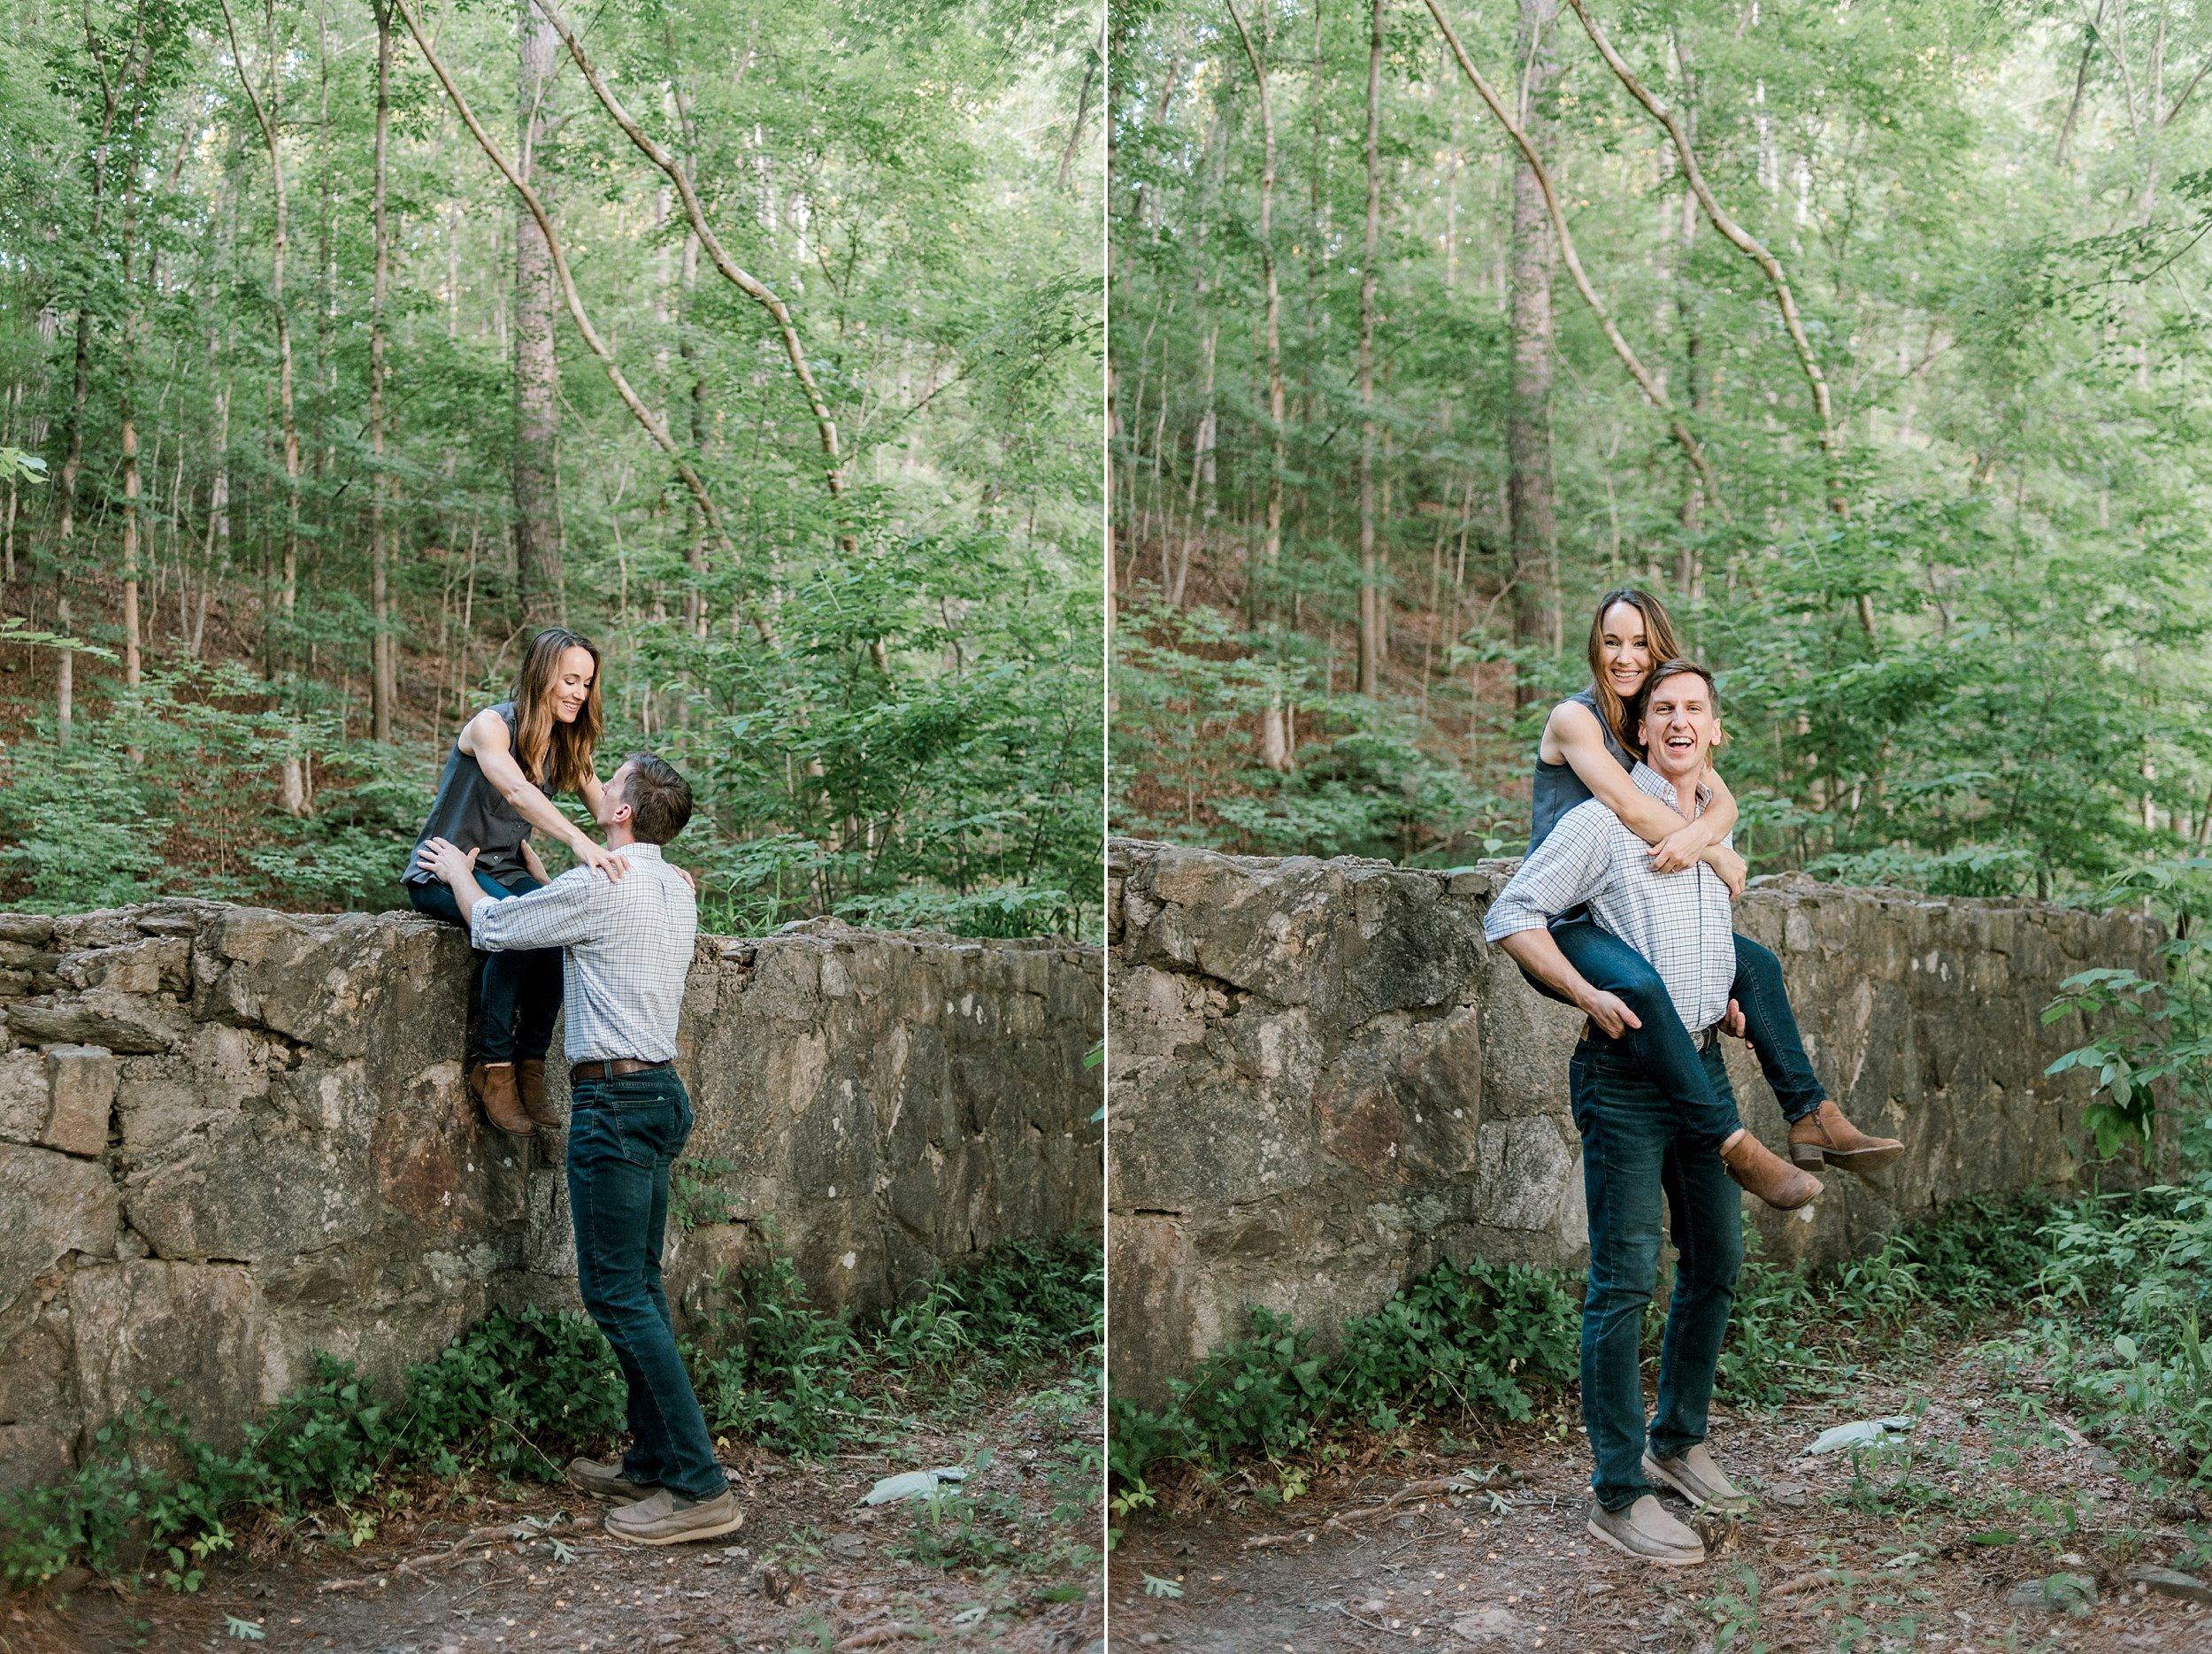 AtlantaEngagementPhotographerAudreyGracePhoto_1324.jpg